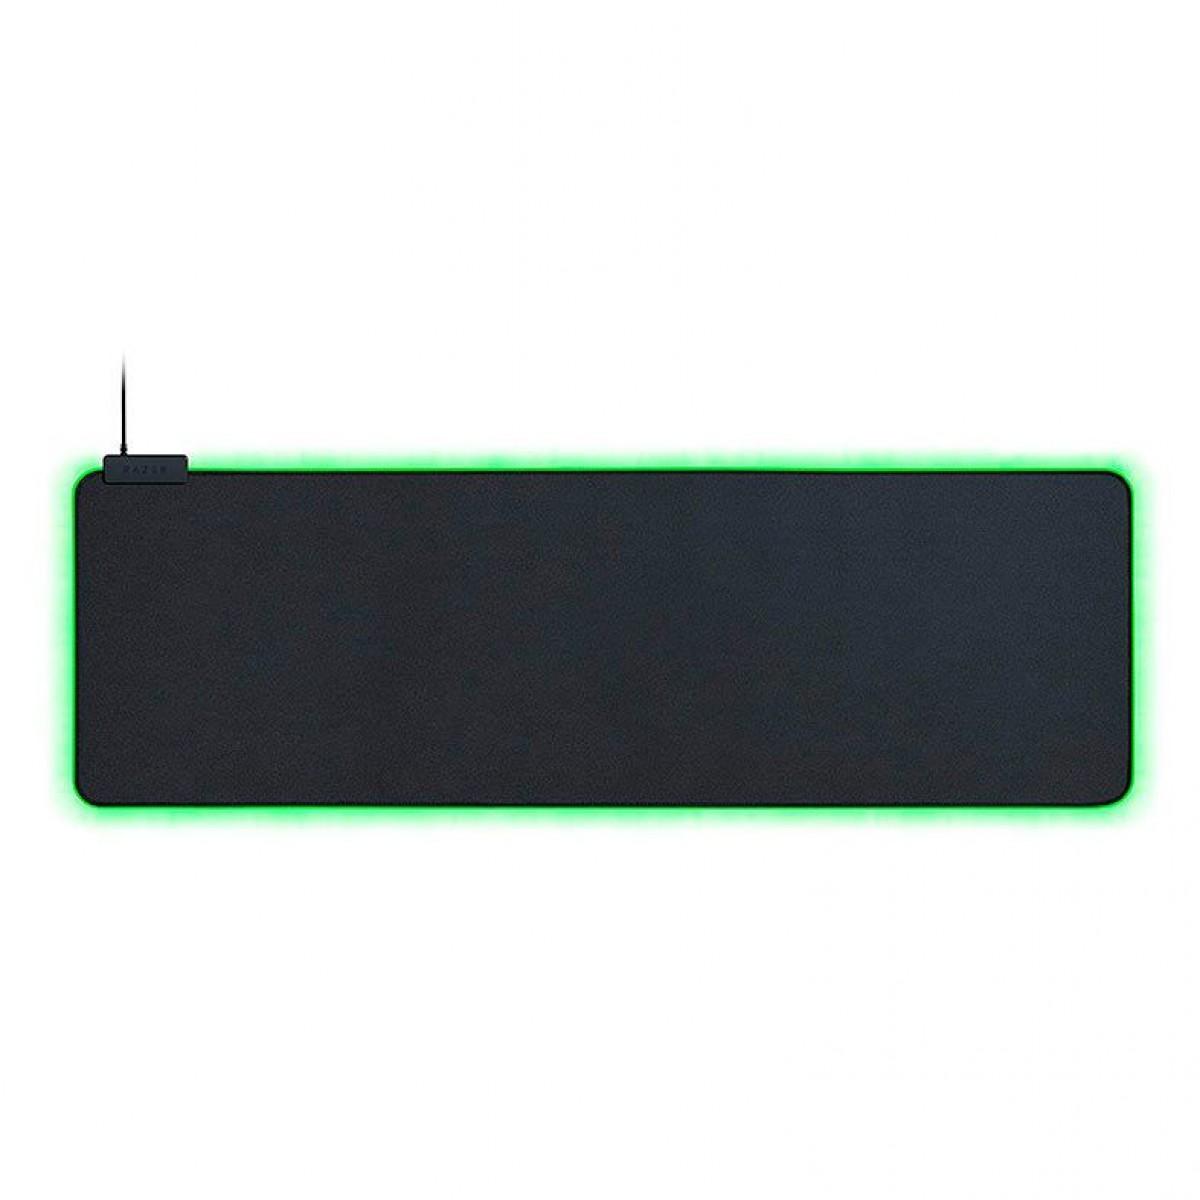 Mouse Pad Gamer Razer Goliathus Chroma, Extended, Black